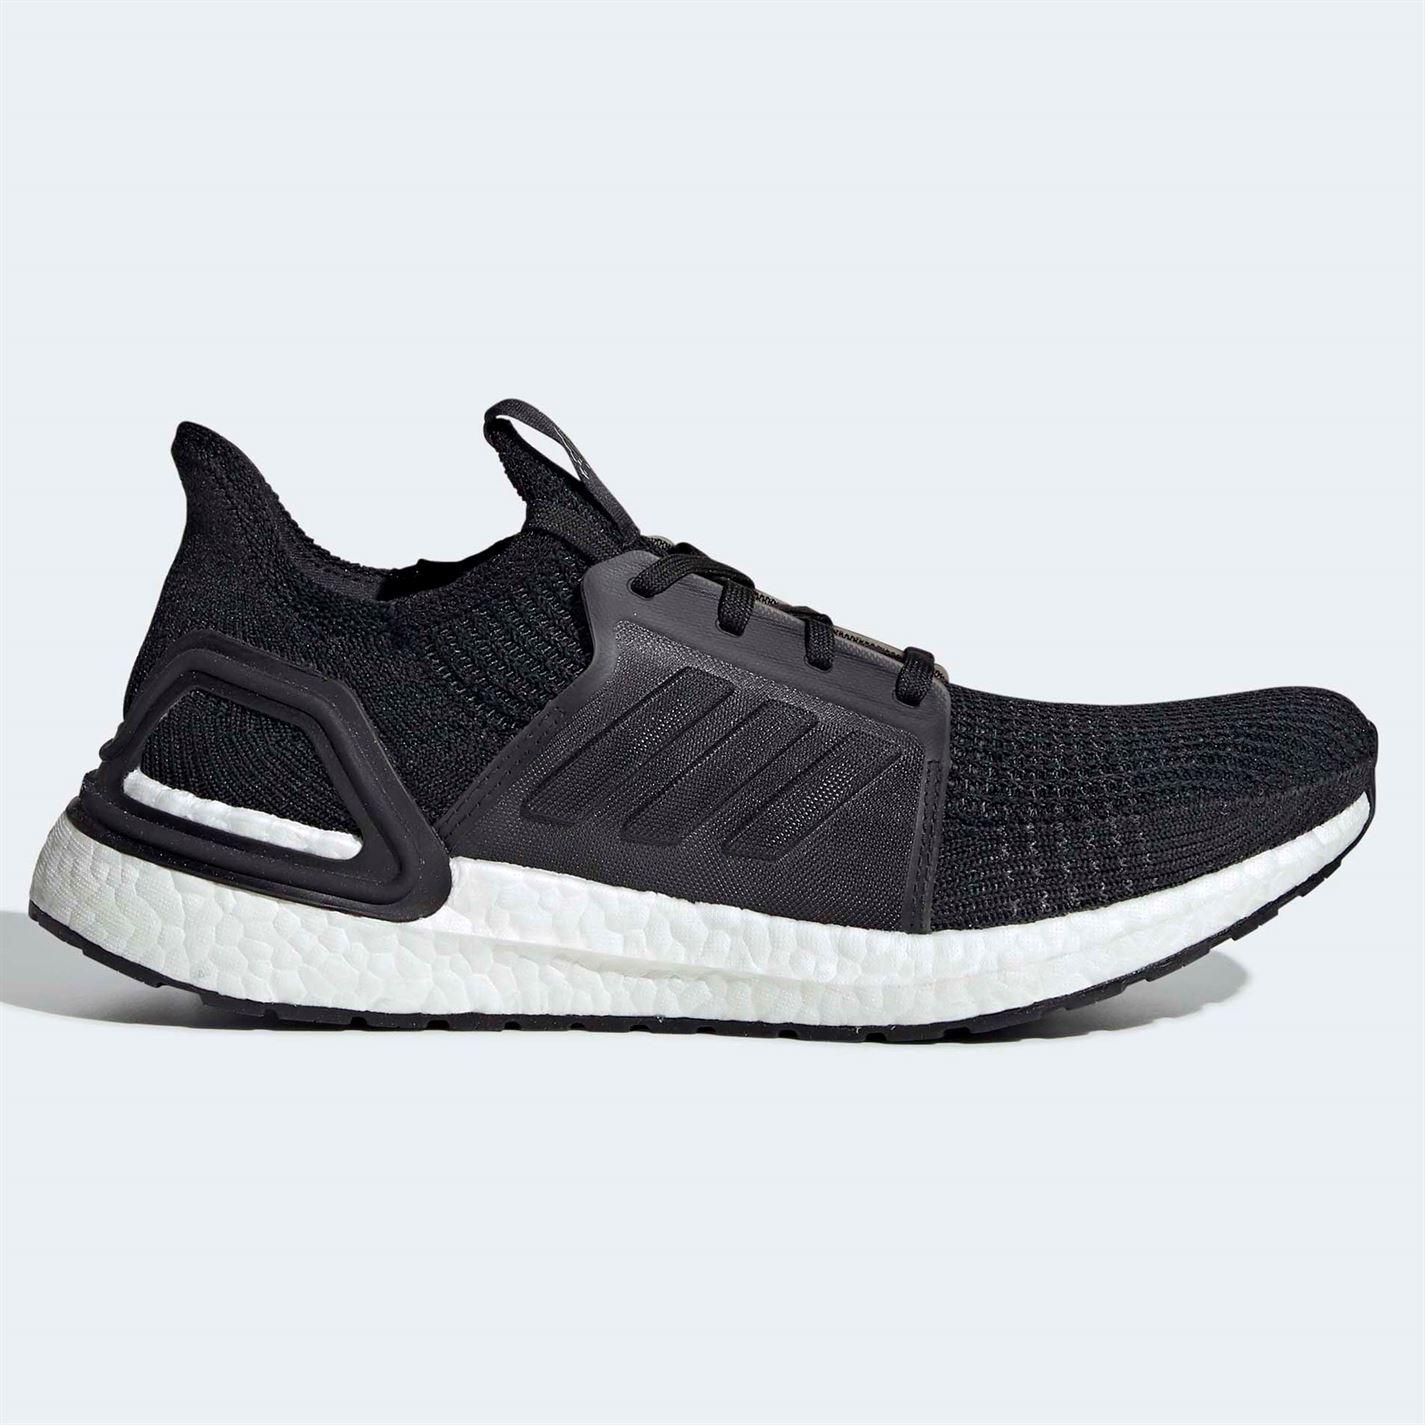 Dettagli su Adidas Ultraboost 19 Uomo Scarpe da Corsa Ginnastica Calzature